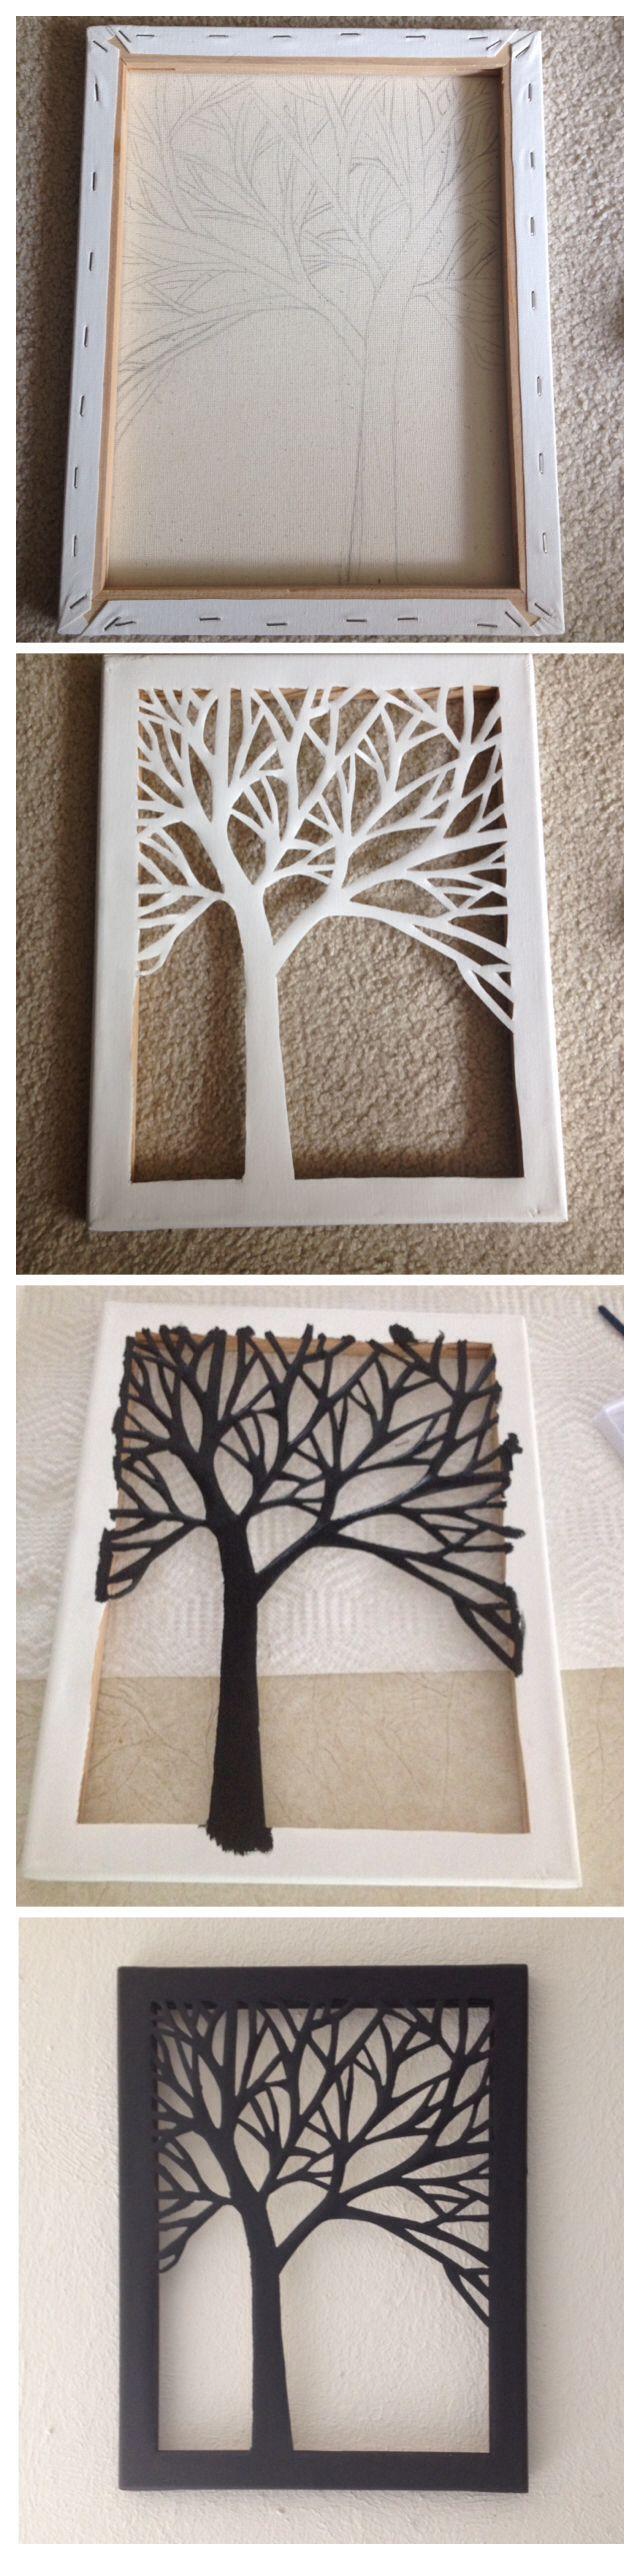 Silueta de un árbol | HACER CUADROS FACILES | Pinterest | Led ...